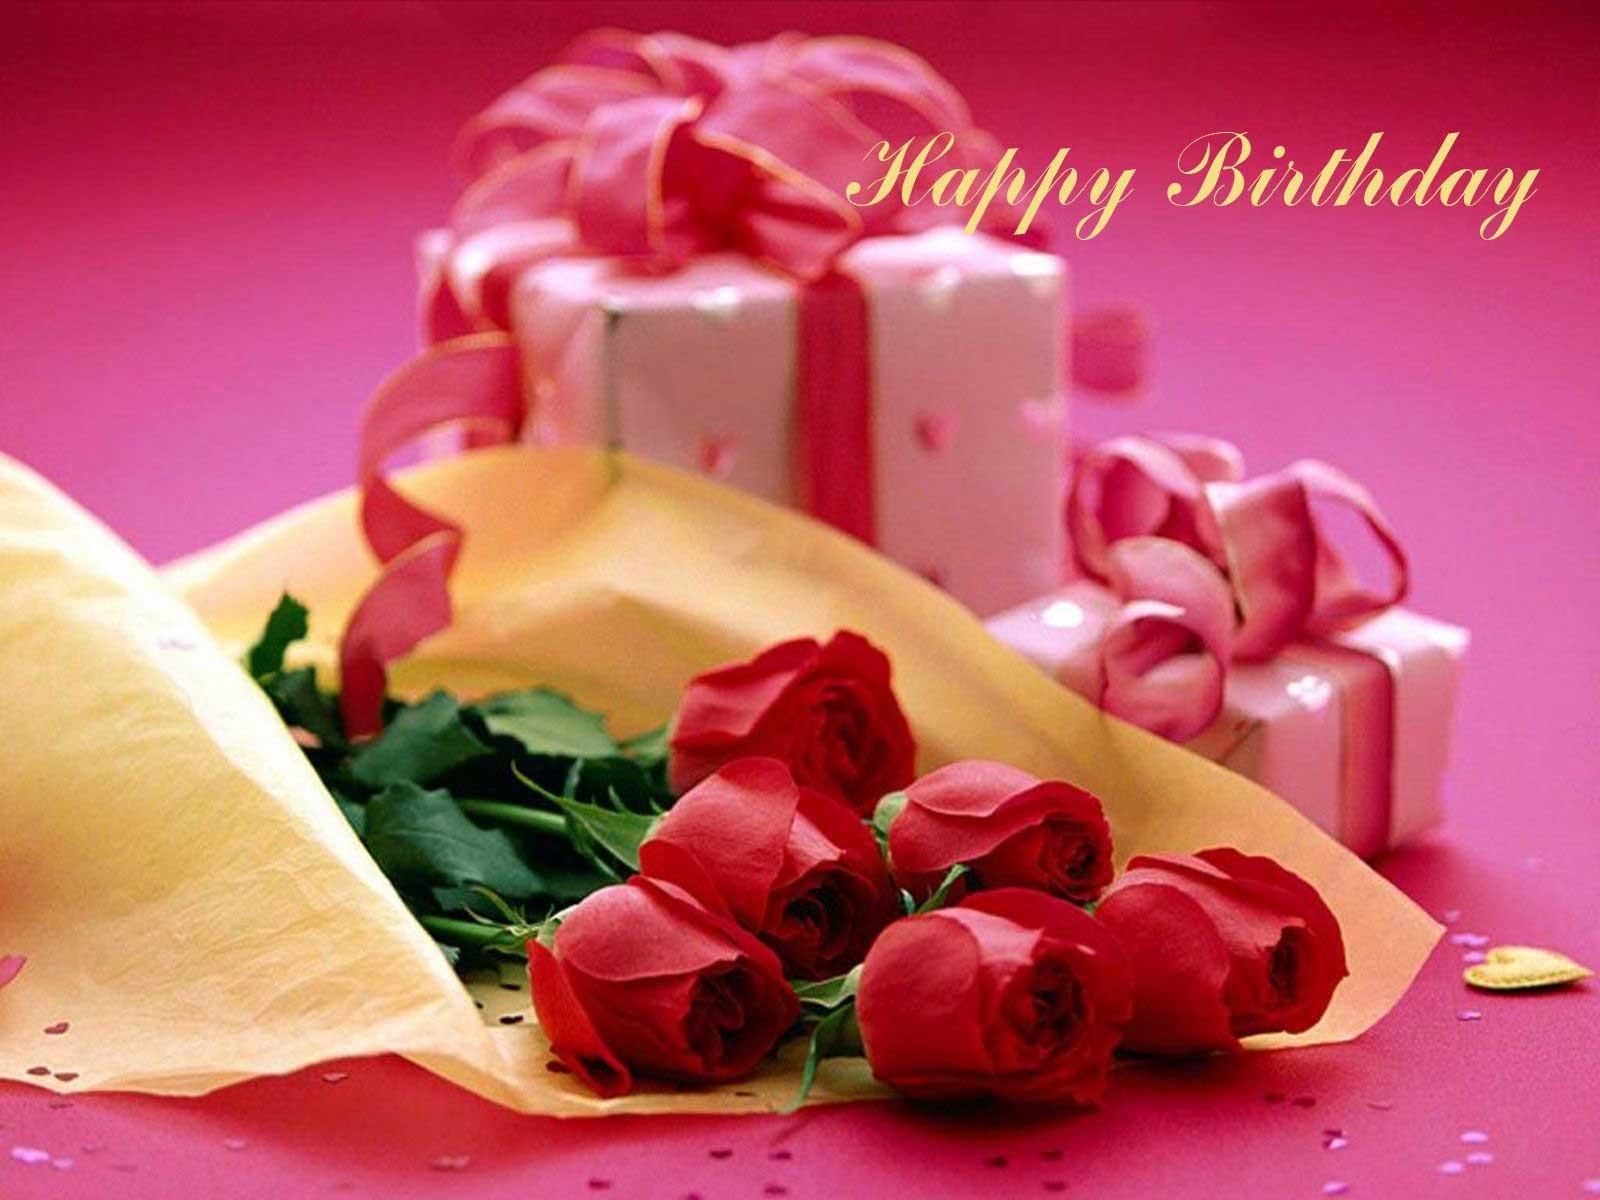 Розы и подарки в день рождения - С Днем Рождения поздравительные картинки